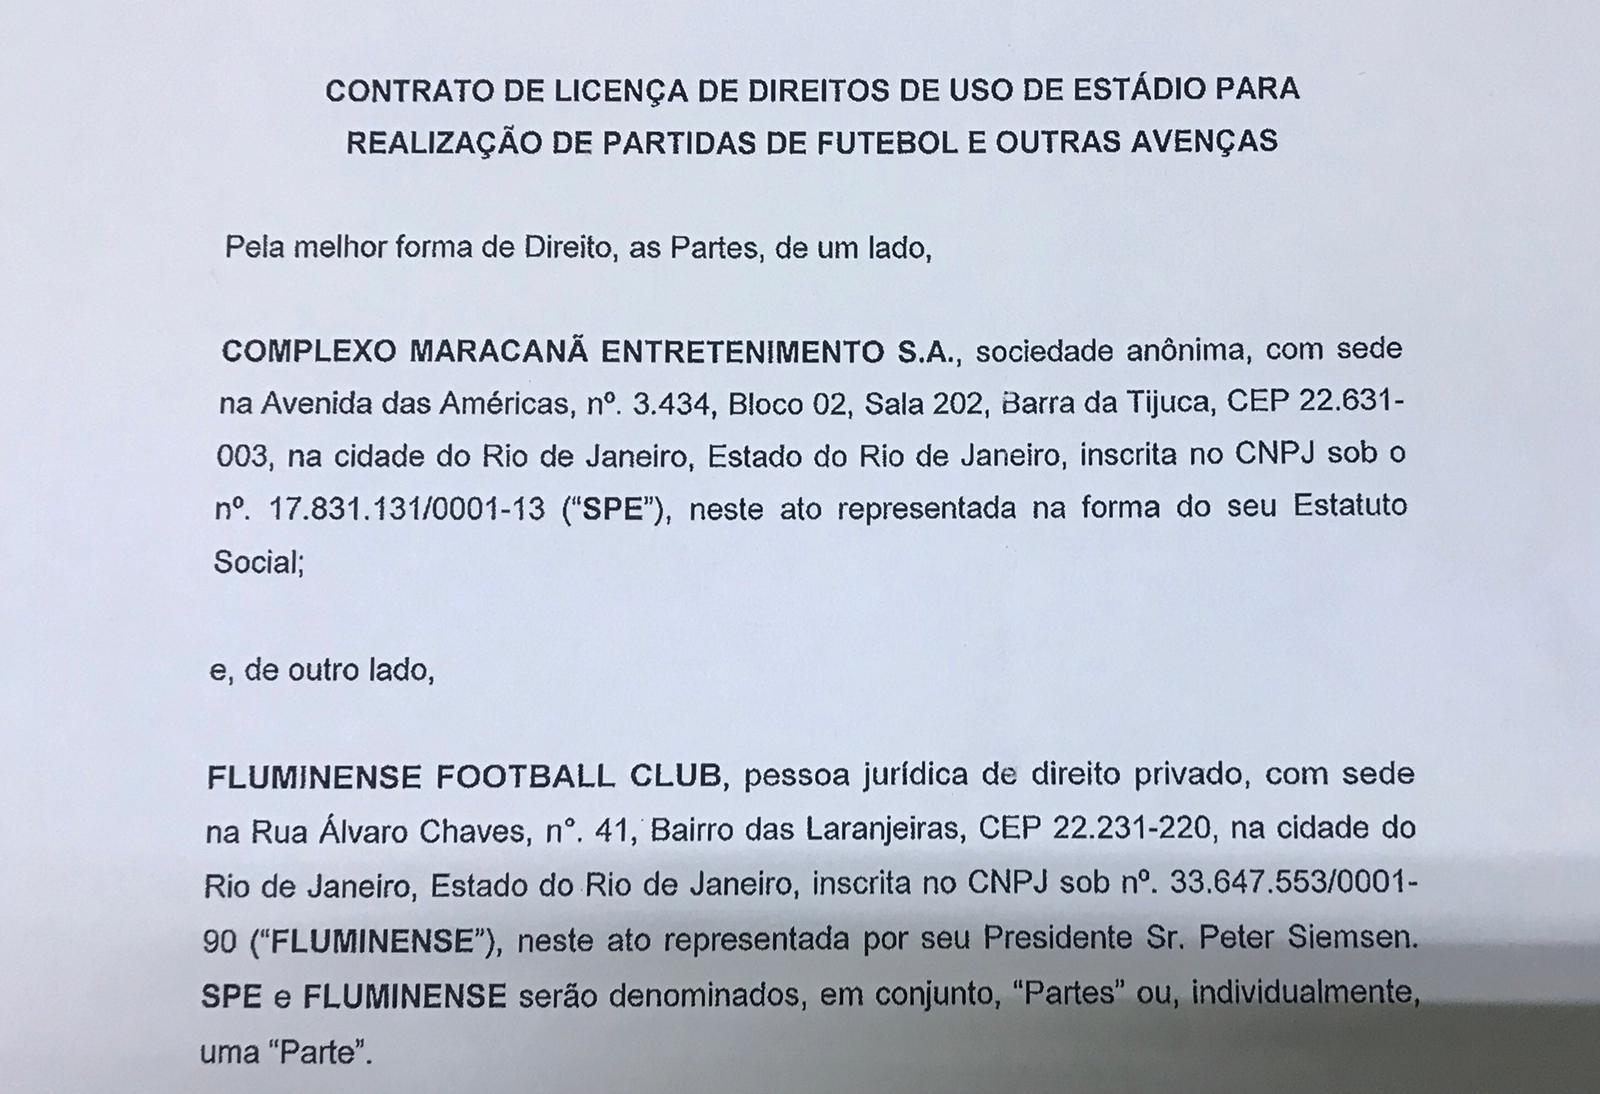 3f228f12cee4c LANCE! tem acesso a contrato entre Fluminense e Complexo Maracanã ...